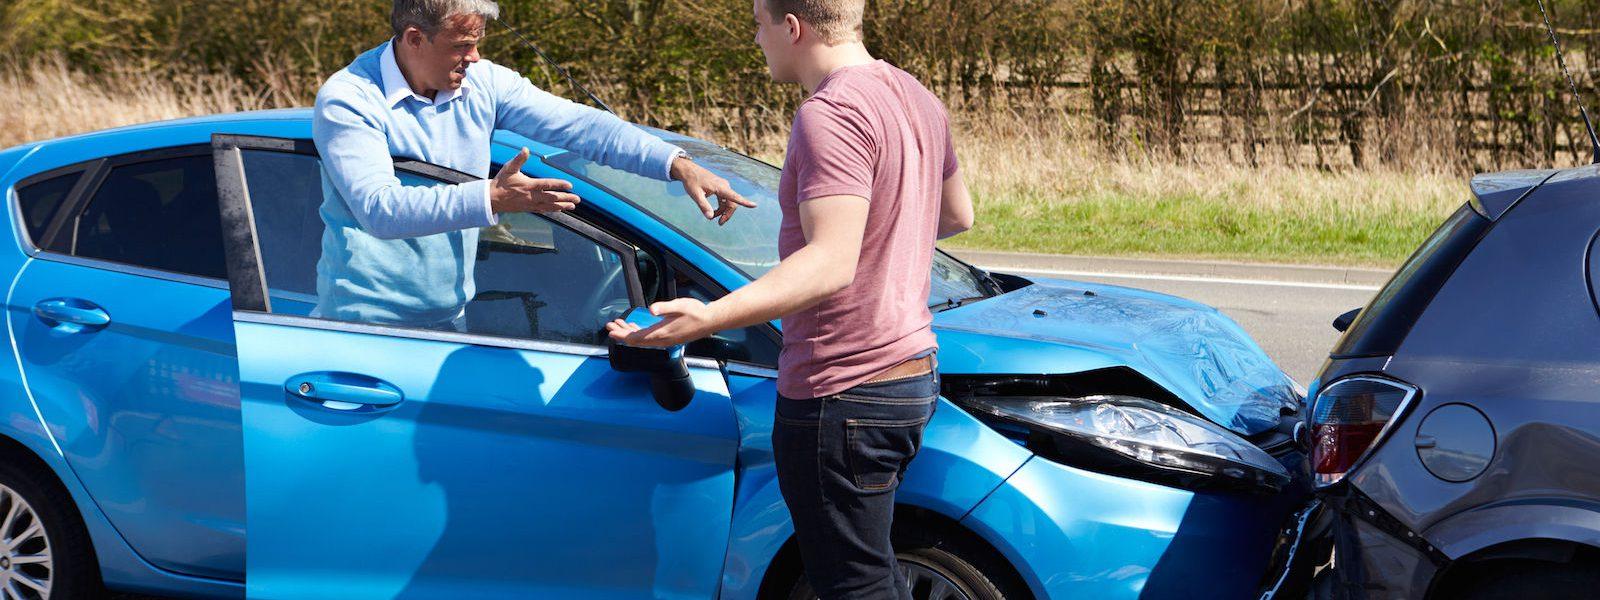 Что делать при ДТП — автоюрист поможет